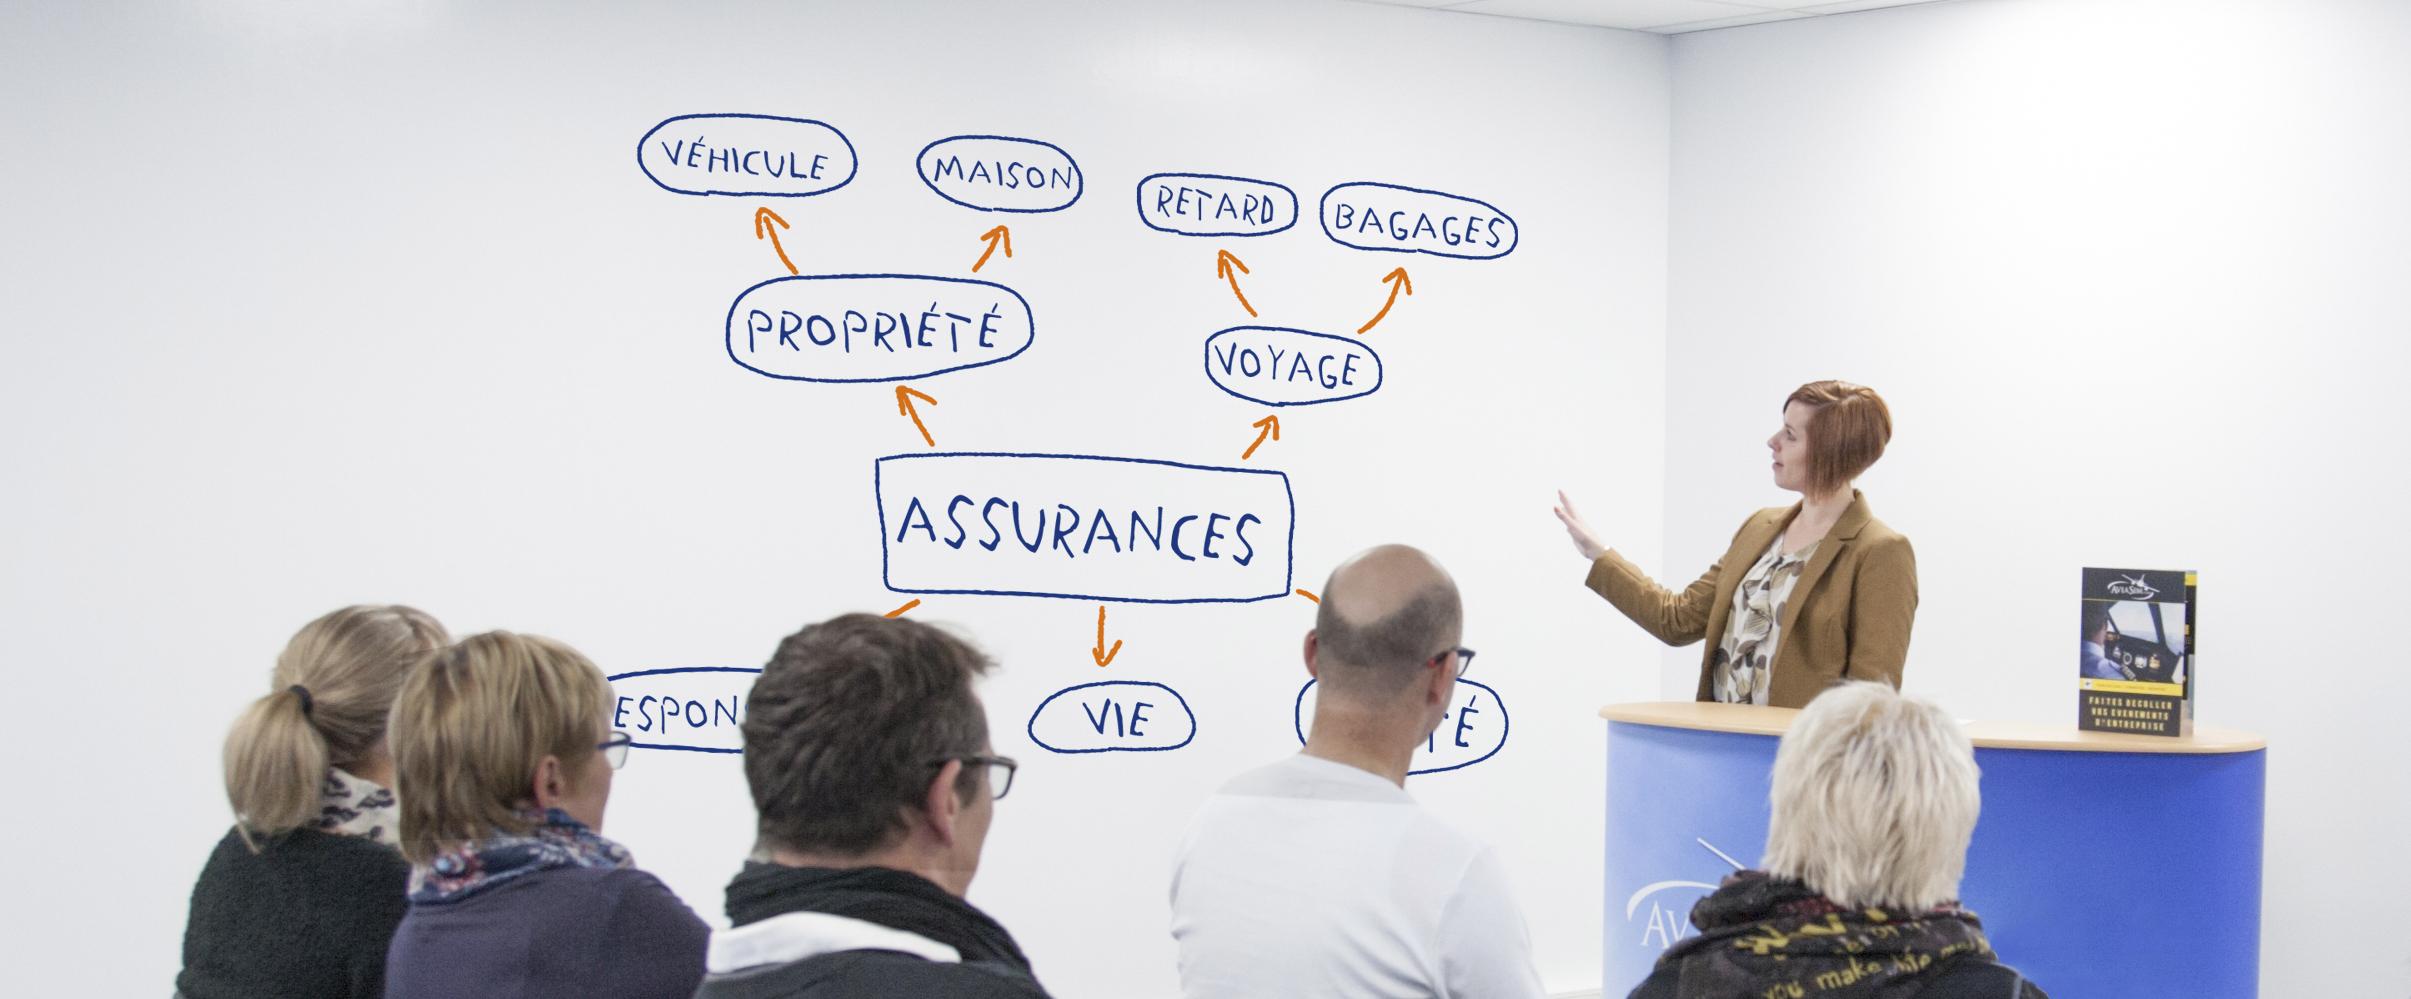 Team building et brainstorming : la salle 2 pour s'exprimer